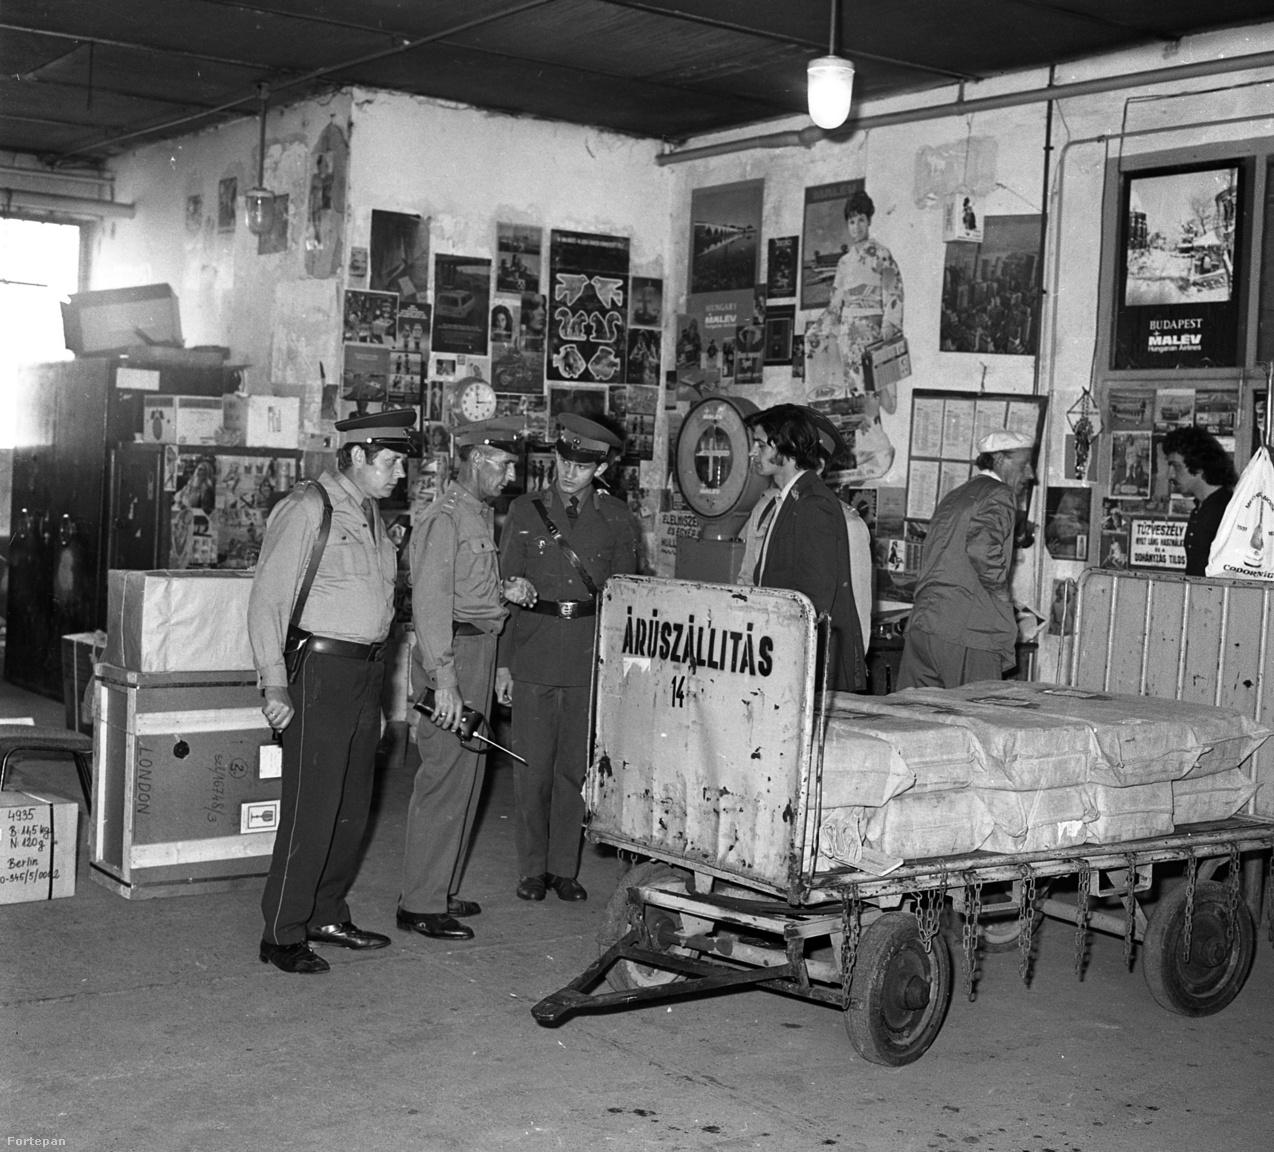 Rendőri ellenőrzés a ferihegyi repülőtér légi áruszállítás raktárában, 1975-ben.